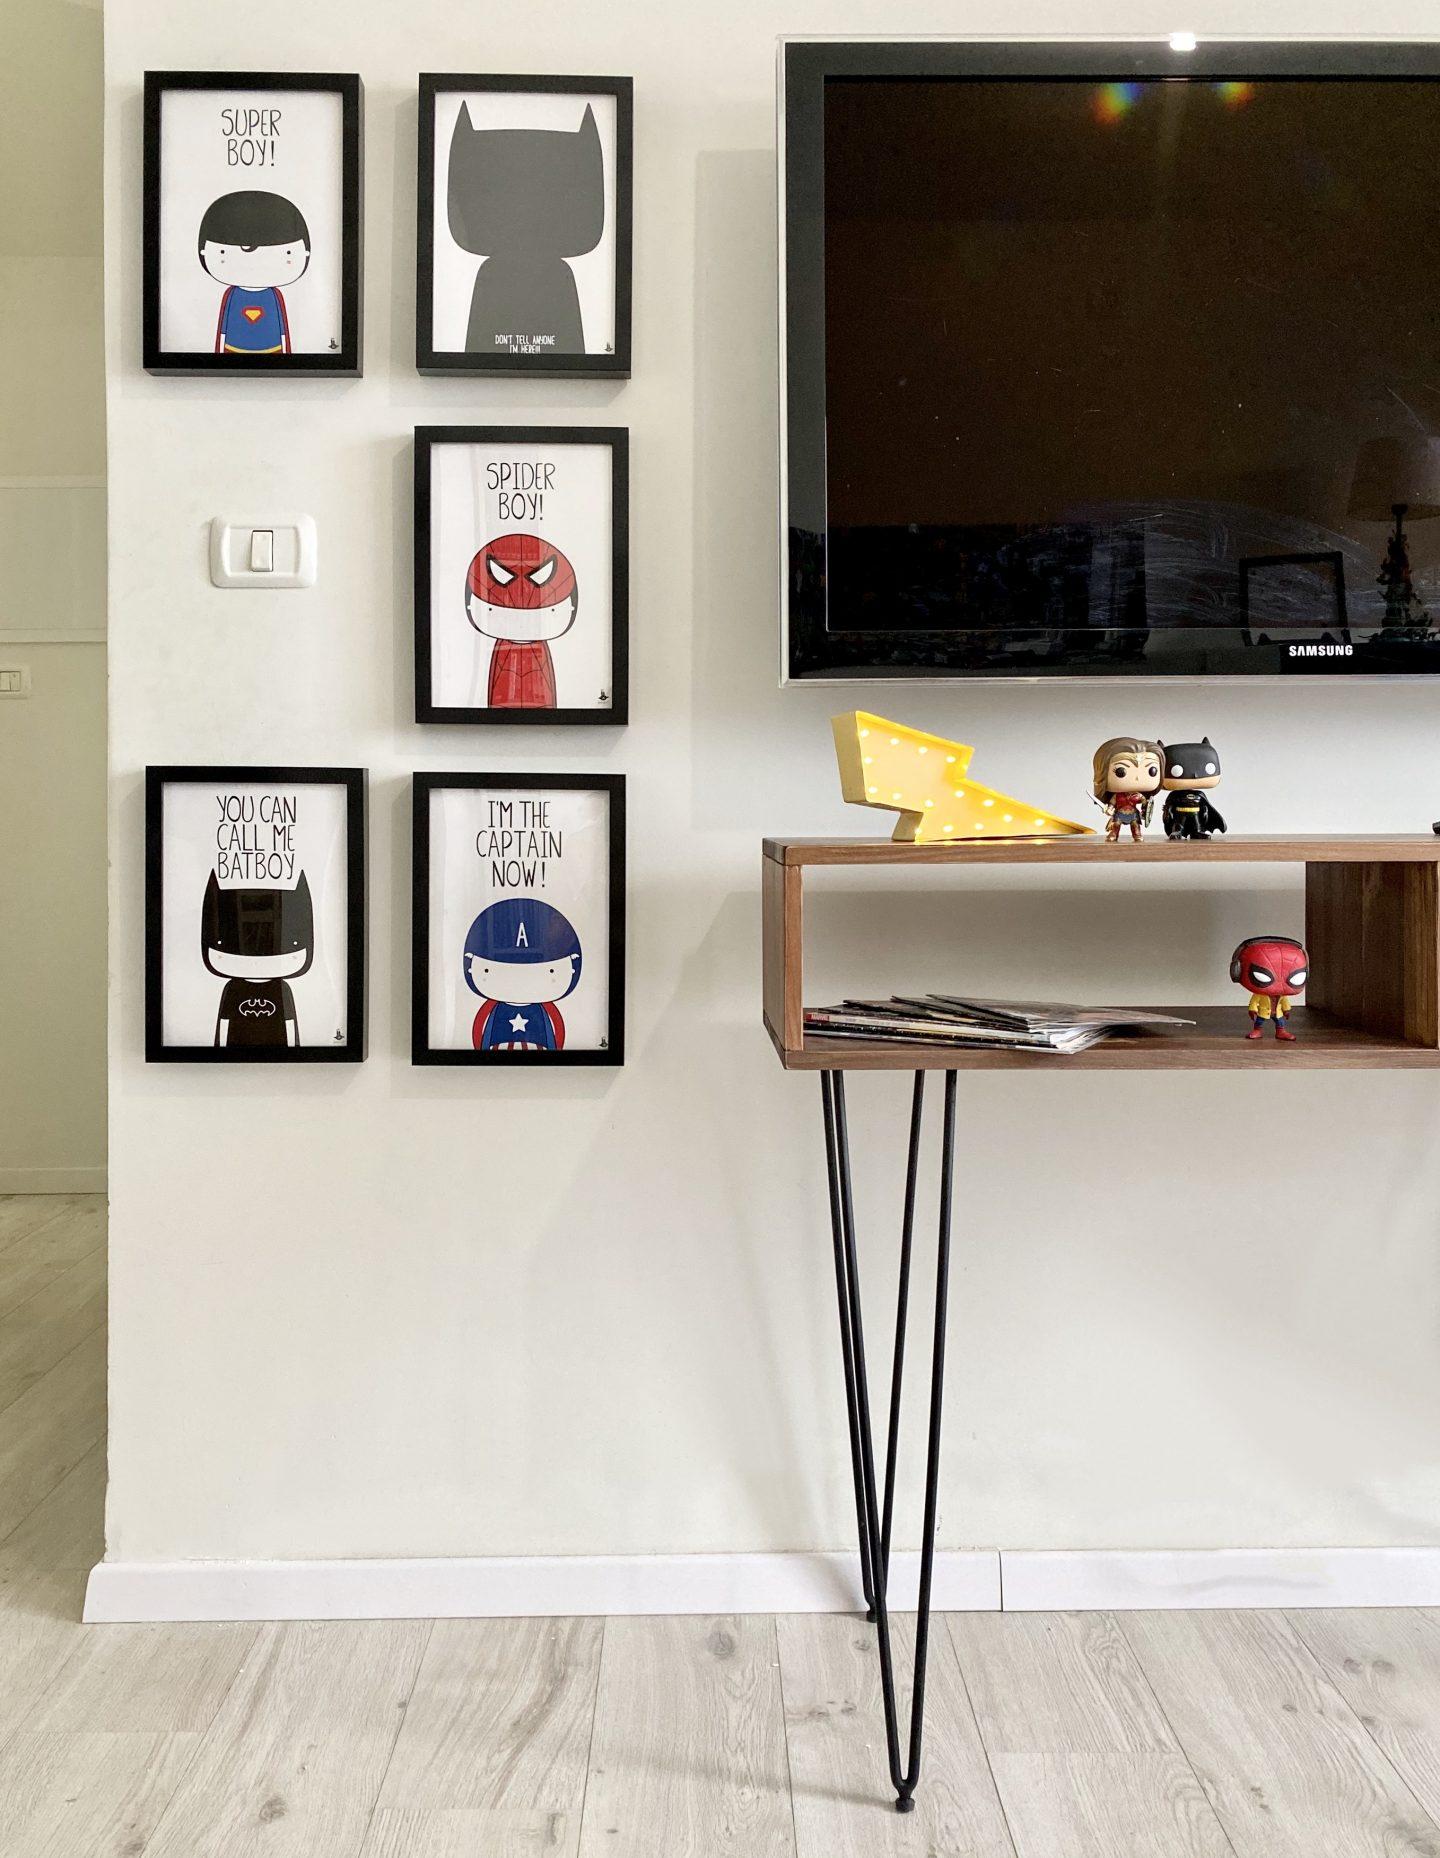 חדר גיבורי על קונסולה קואלה רהיטים שירי ויצנר בלוג חיפאית15